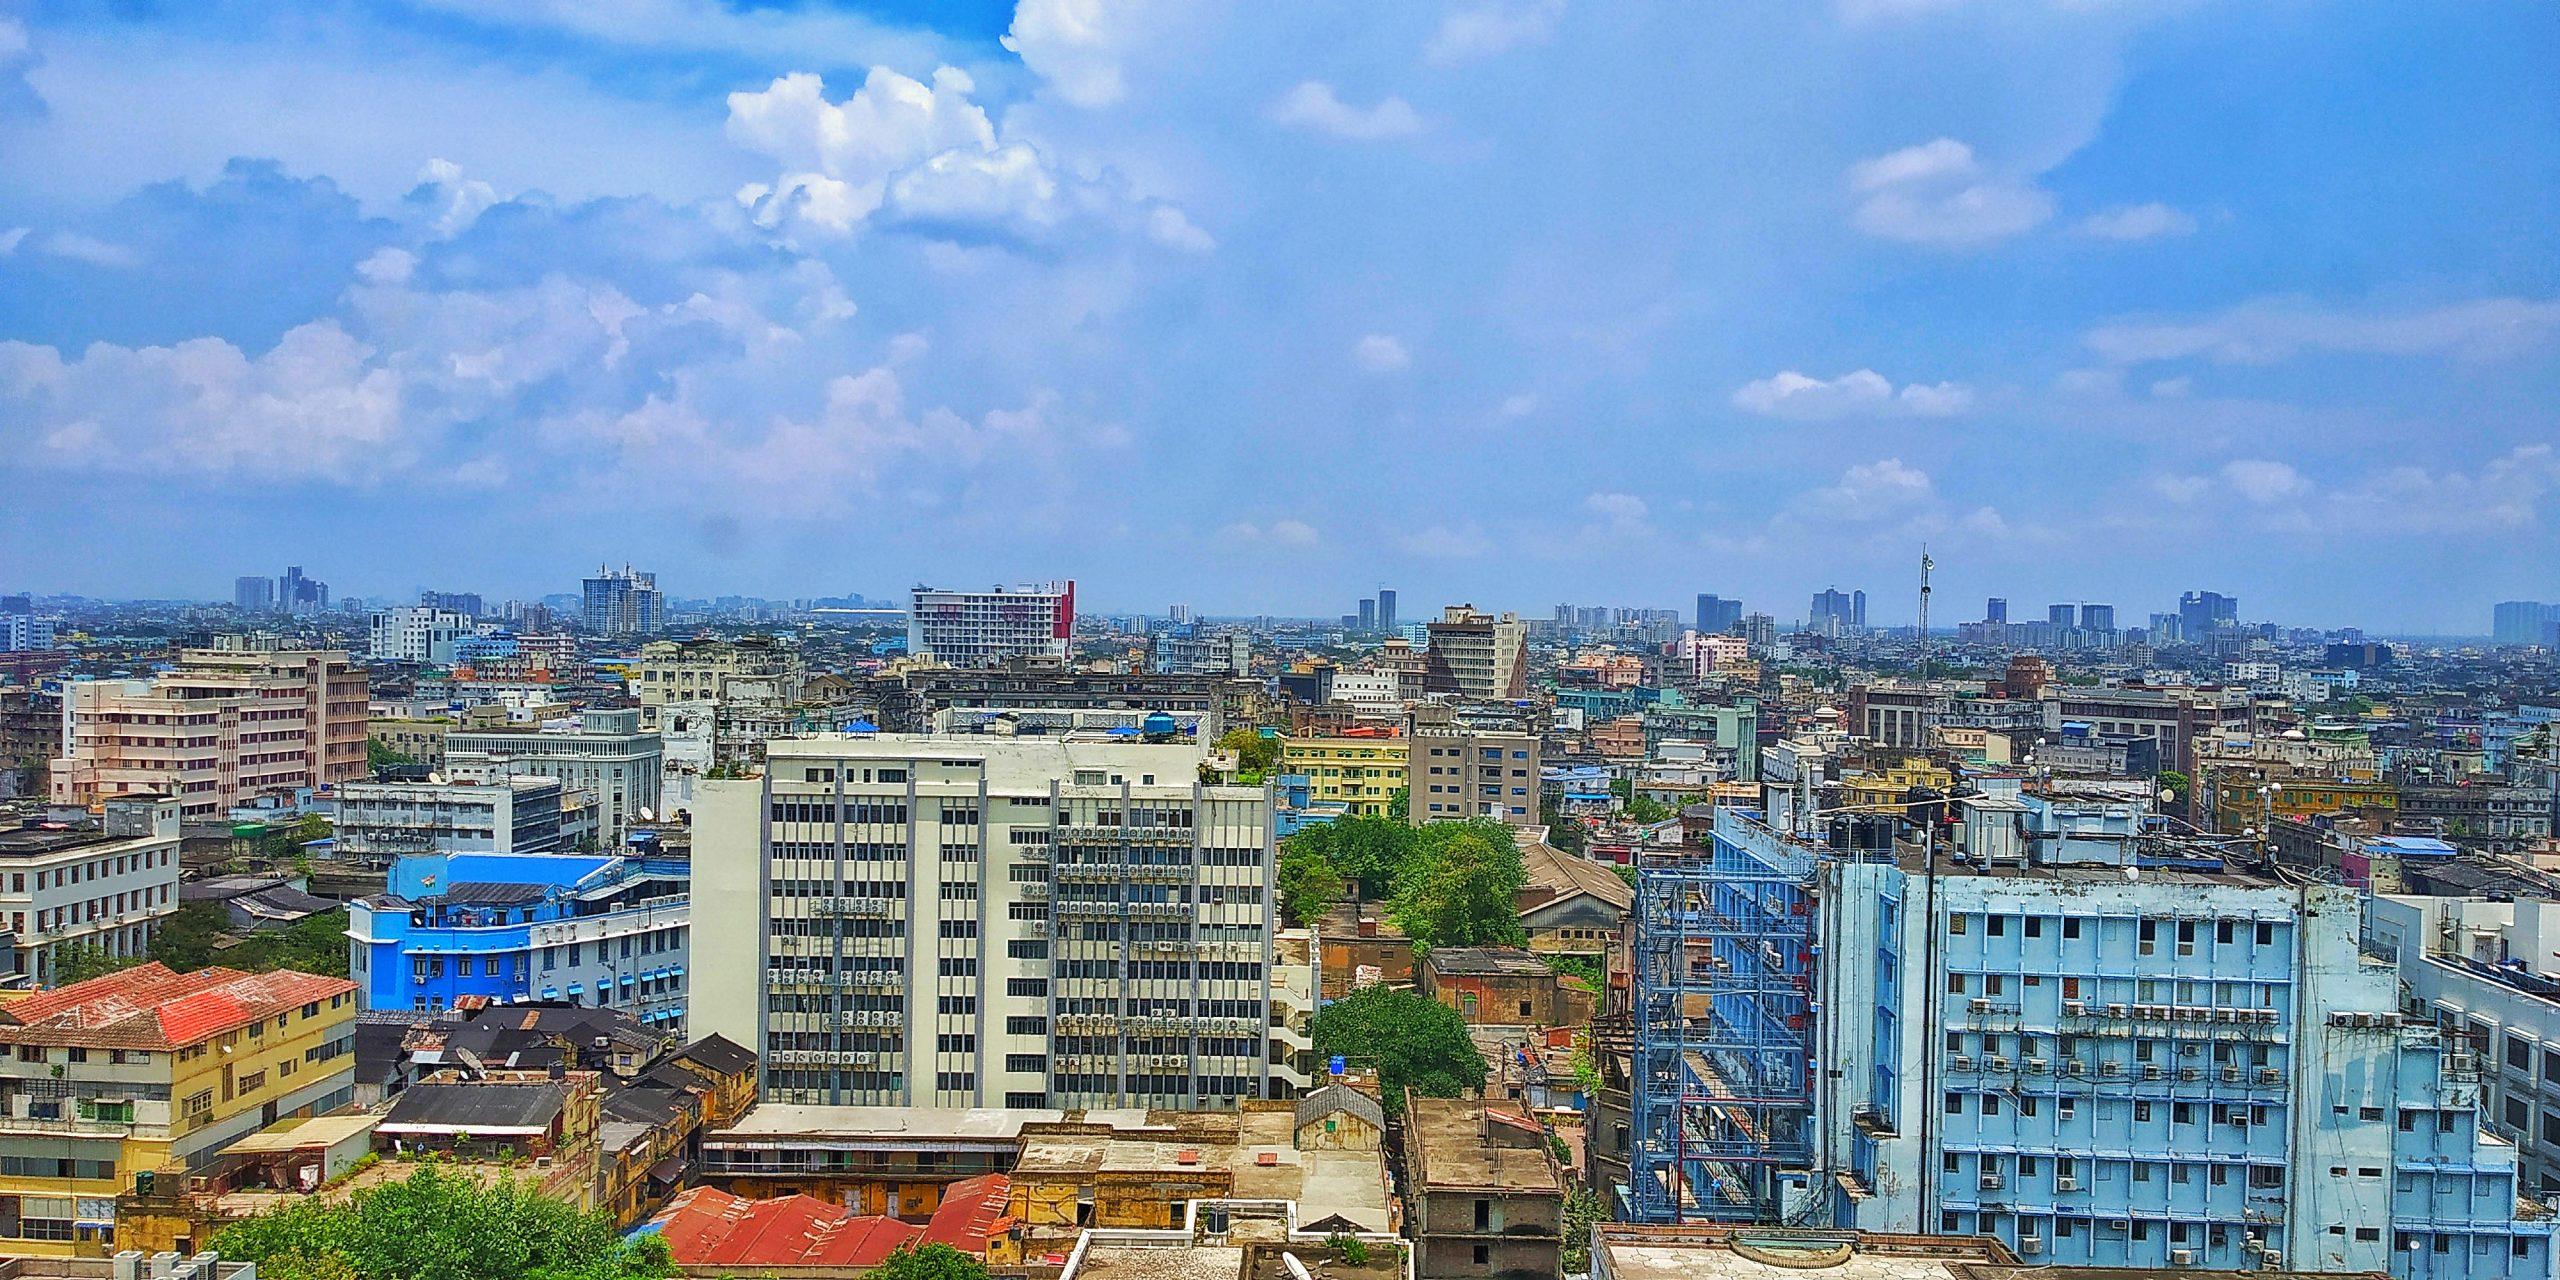 A view of Kolkata city